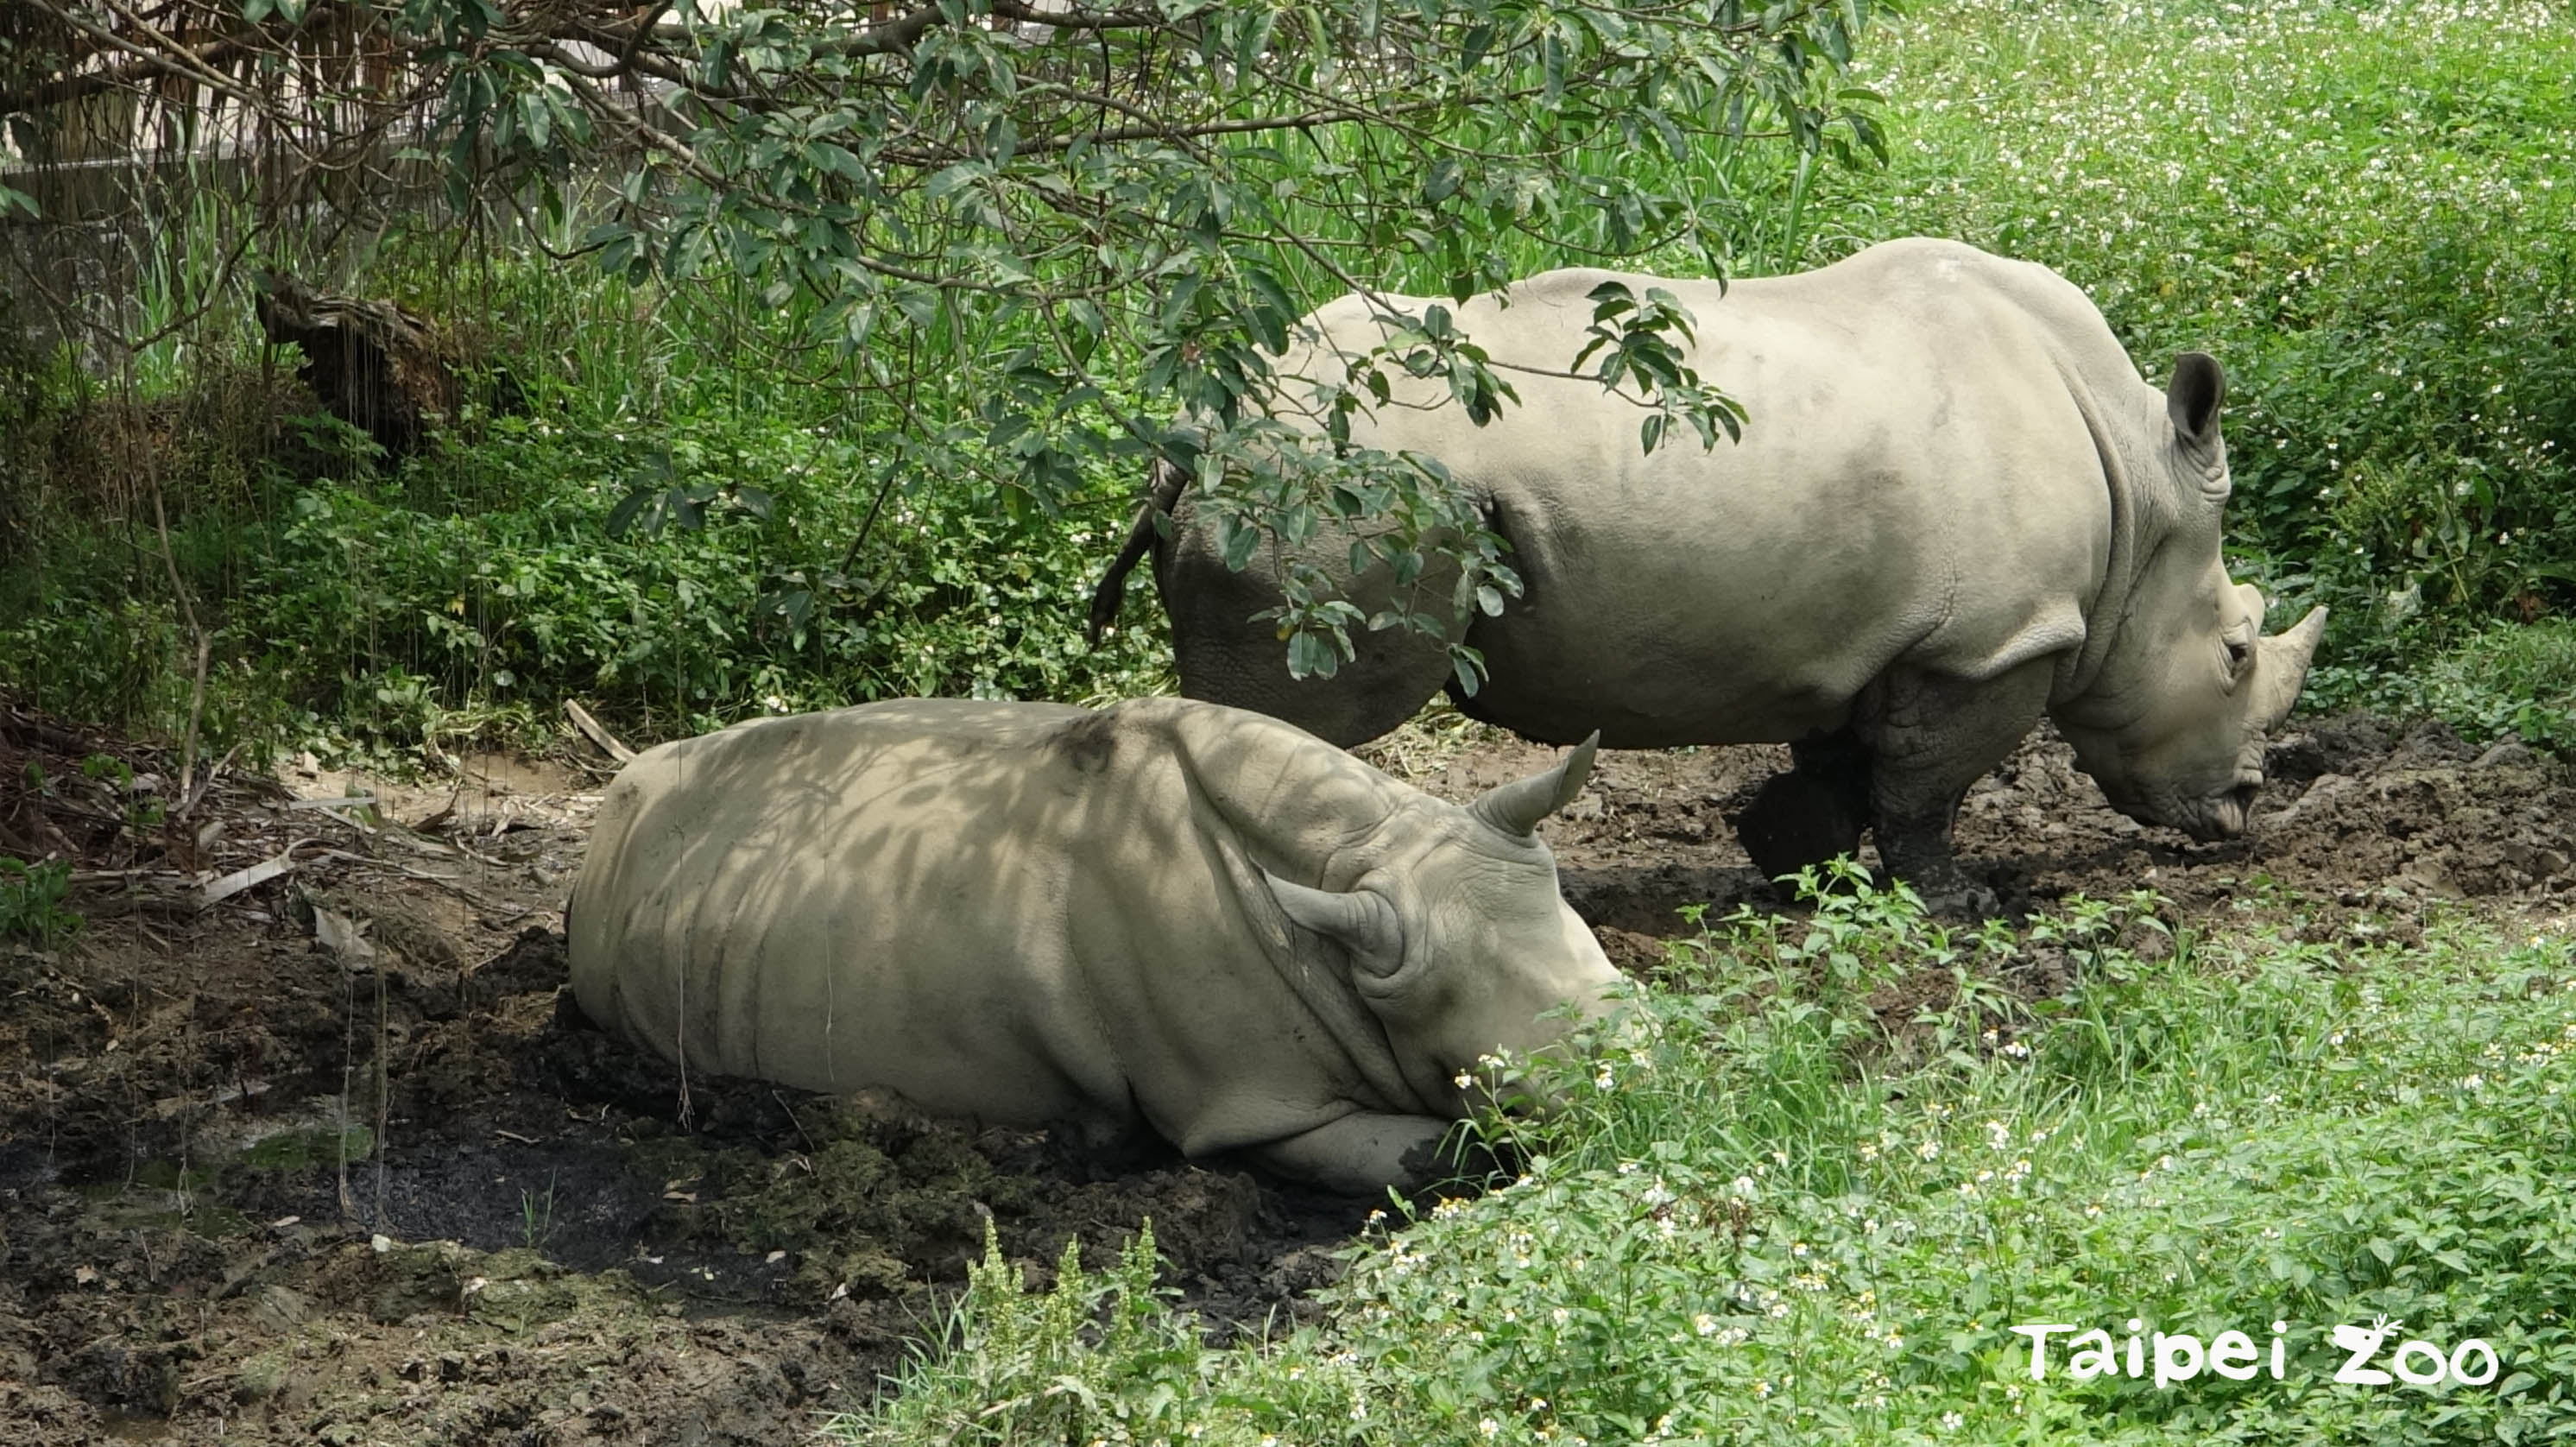 犀牛非常喜歡泥巴浴,牠們會將肚子貼在泥地上散熱